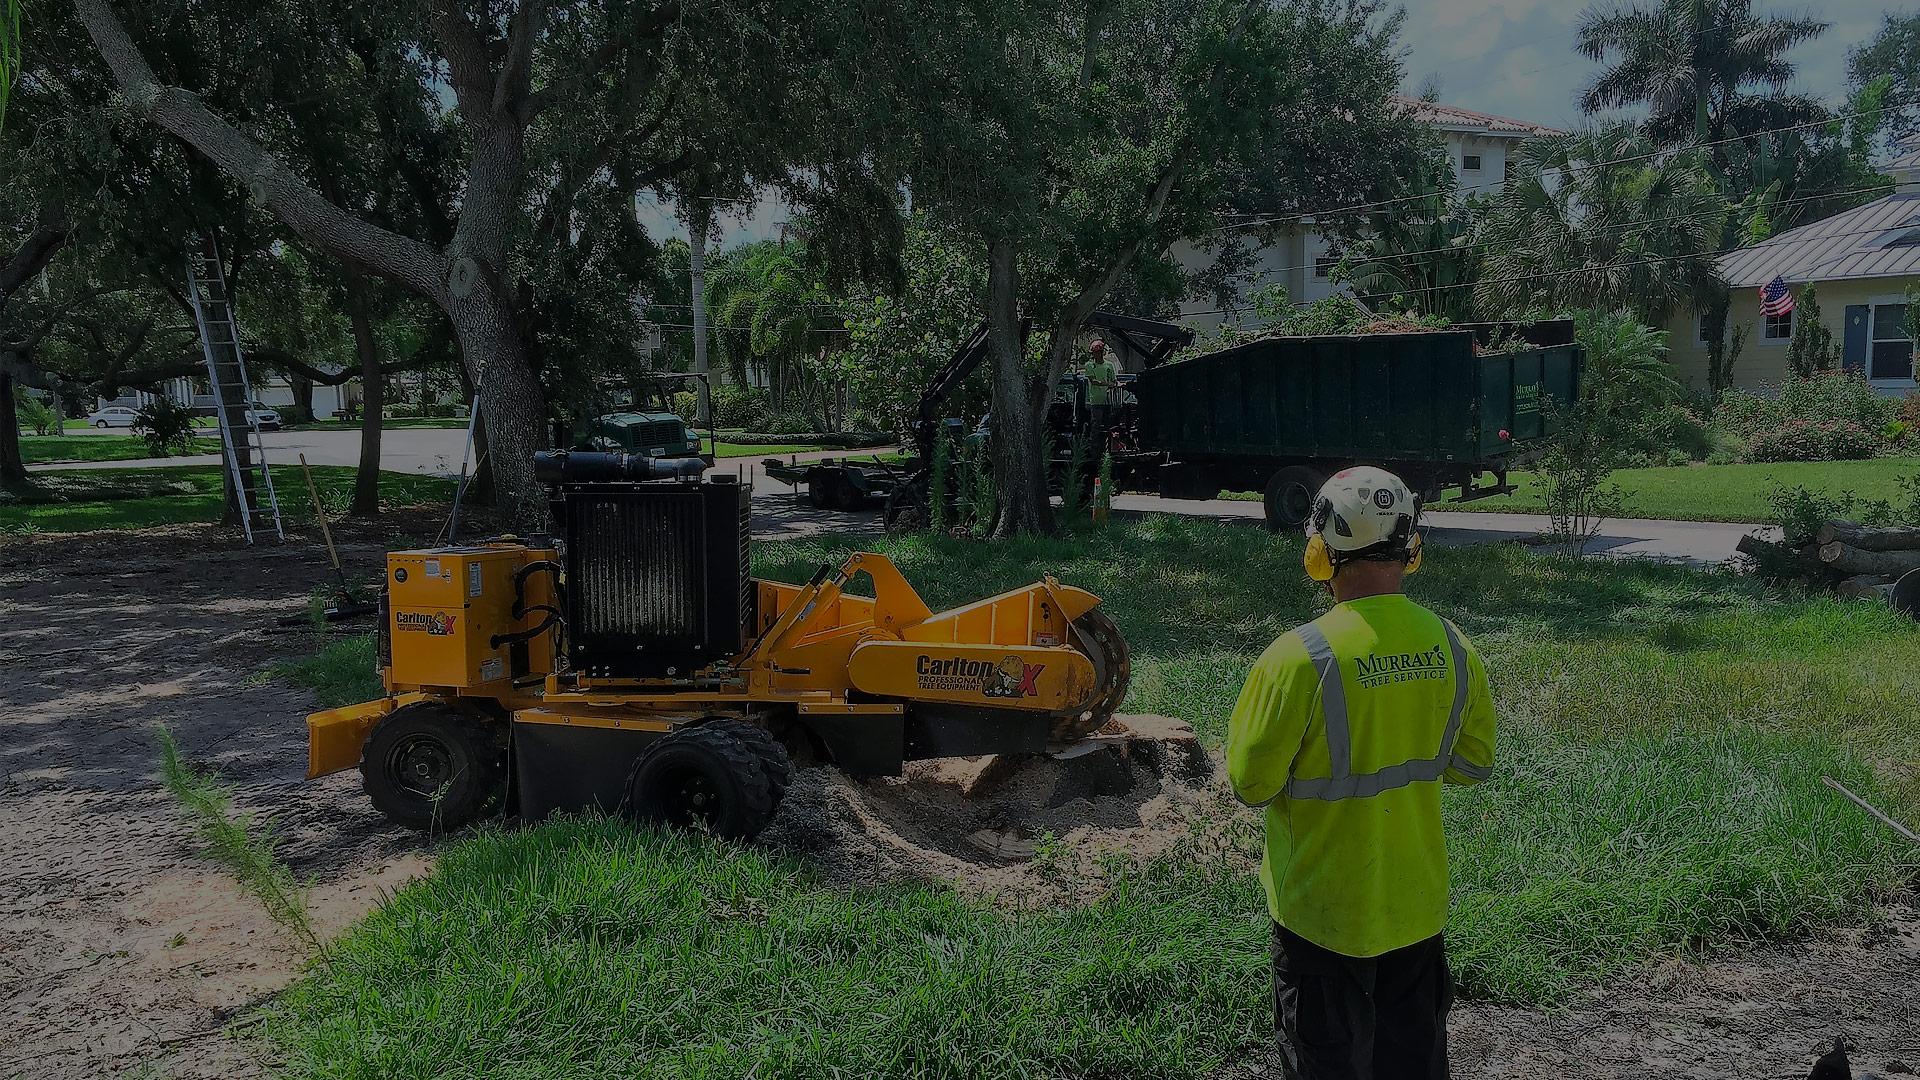 Tampa Tree Trimming